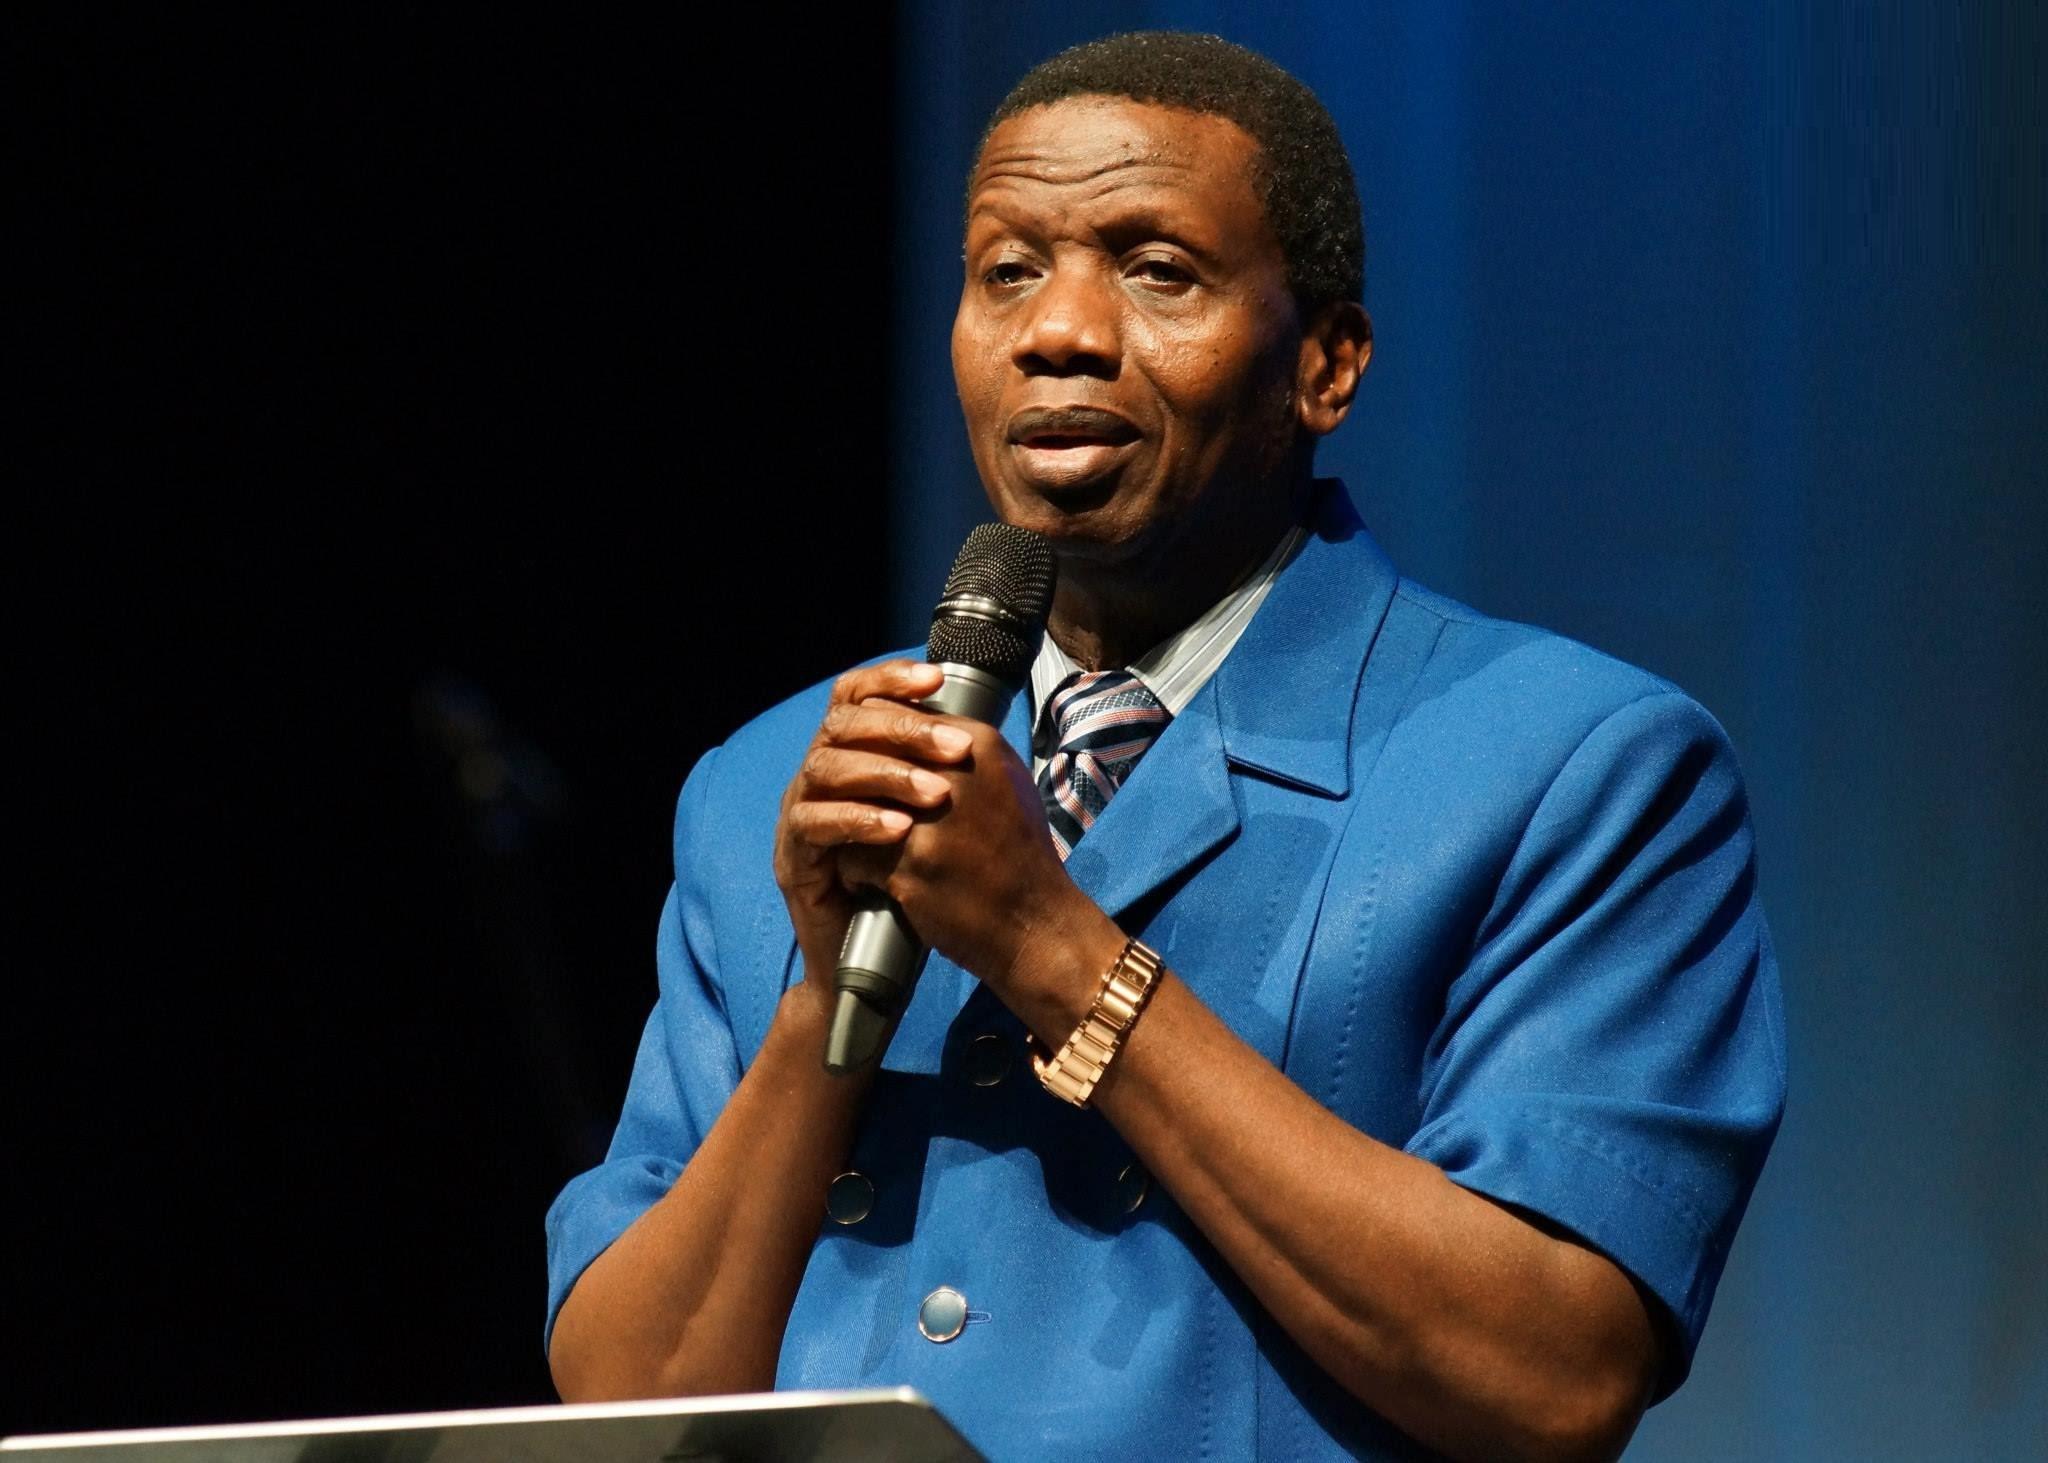 Pastor E. A. Adeboye